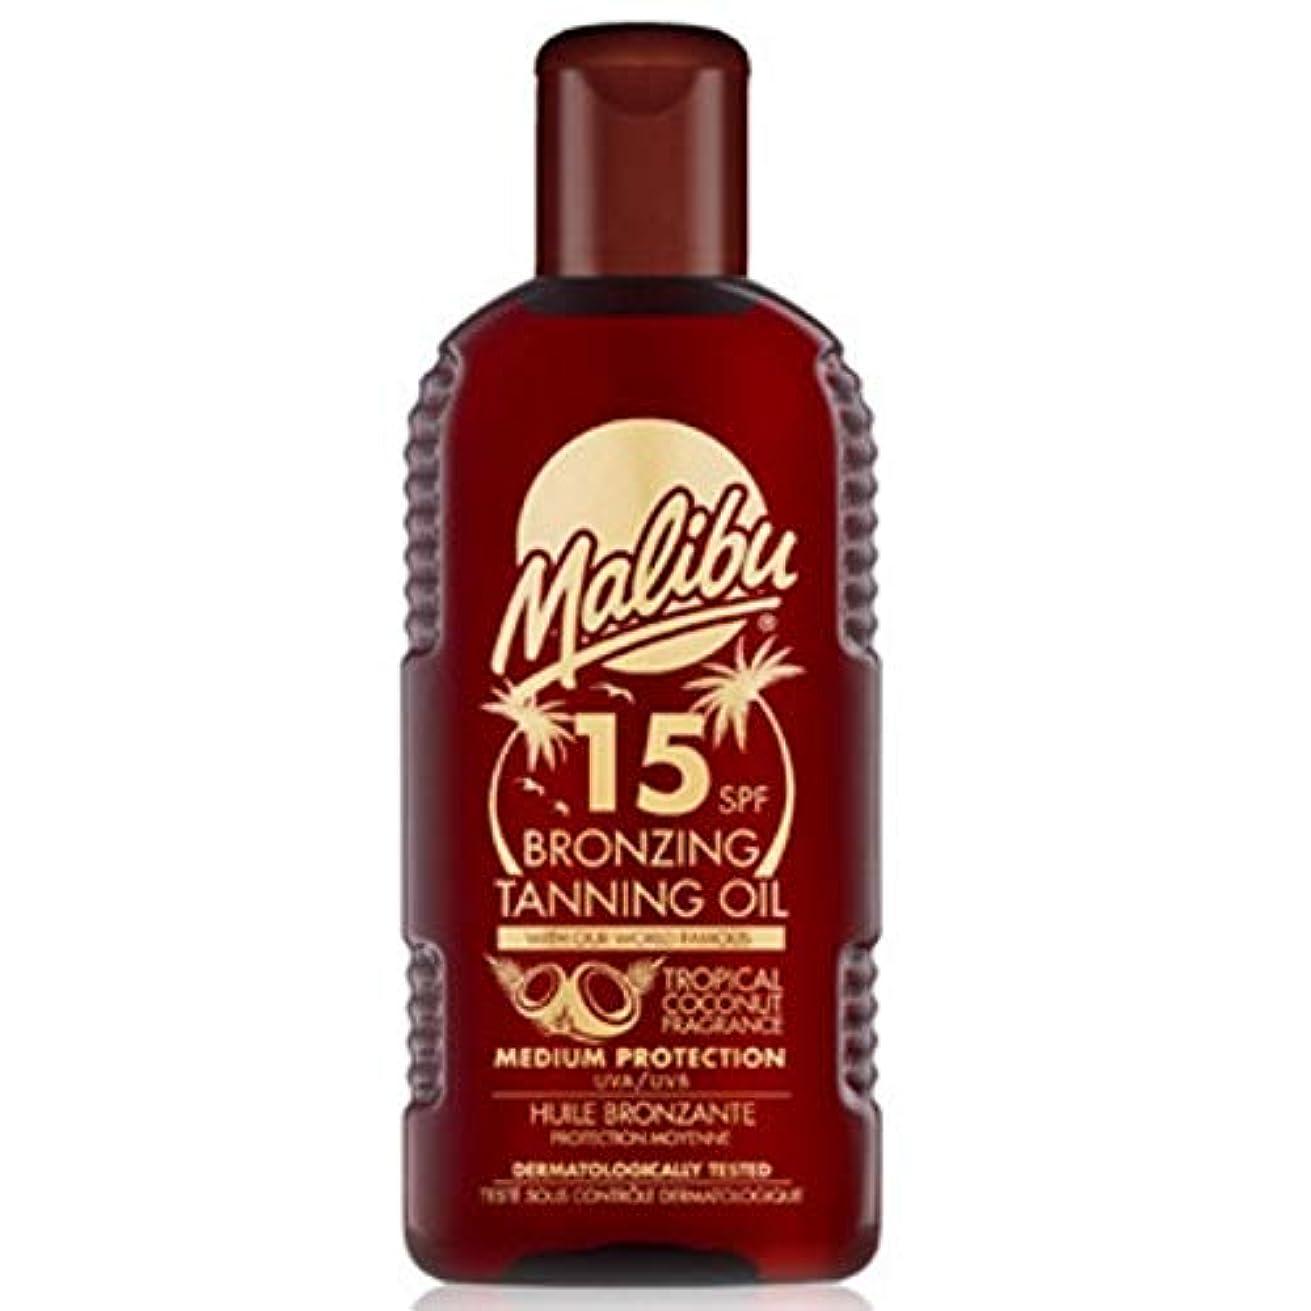 服を洗う推論アブセイ[Malibu ] マリブブロンズ日焼けオイルSpf 15 - Malibu Bronzing Tanning Oil SPF 15 [並行輸入品]